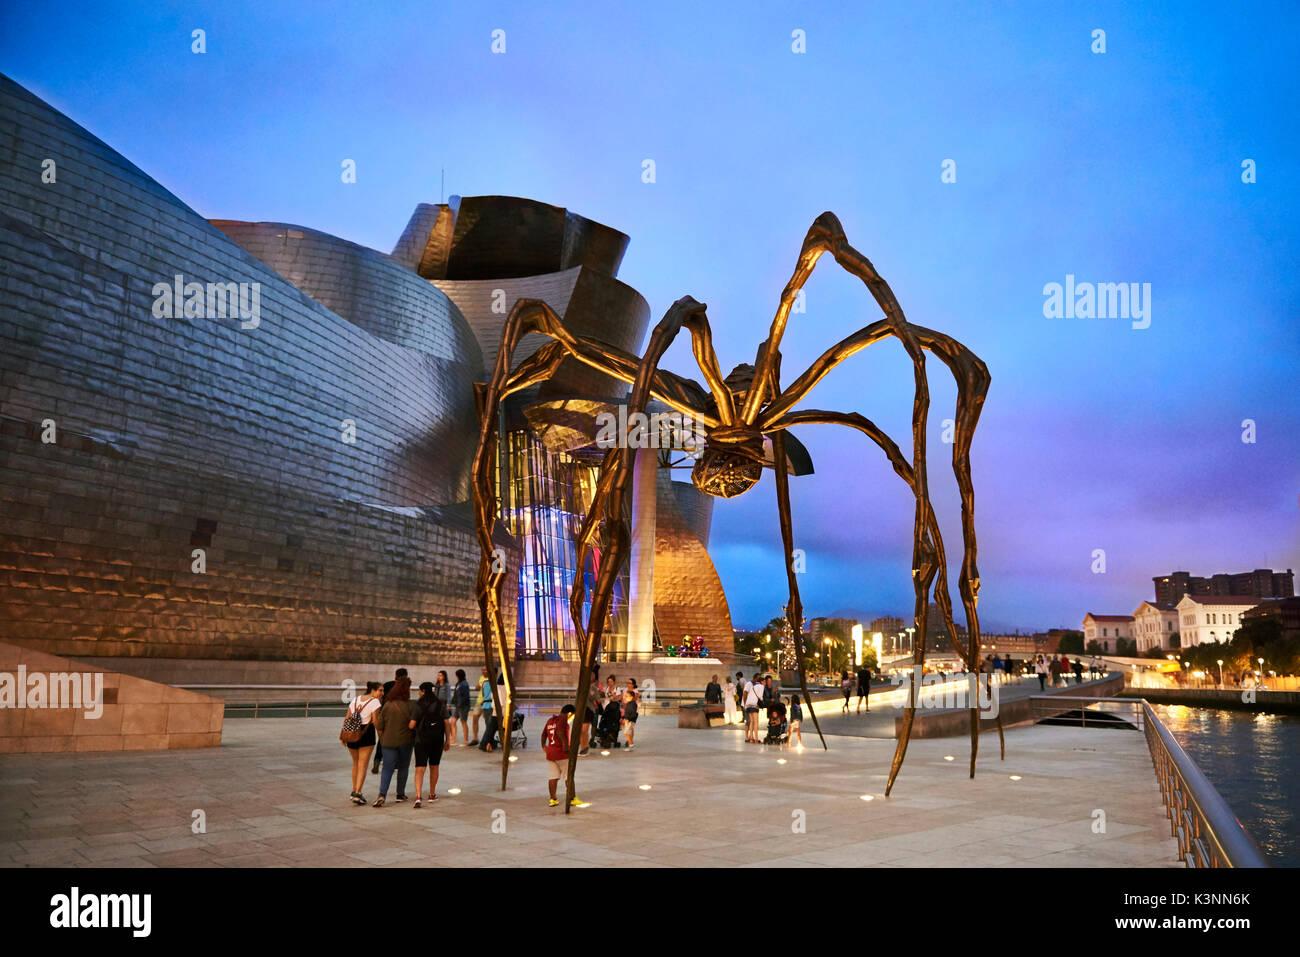 Museu Guggenheim em noite, Bilbau, Biscaia, País Basco, Espanha, Europa Imagens de Stock